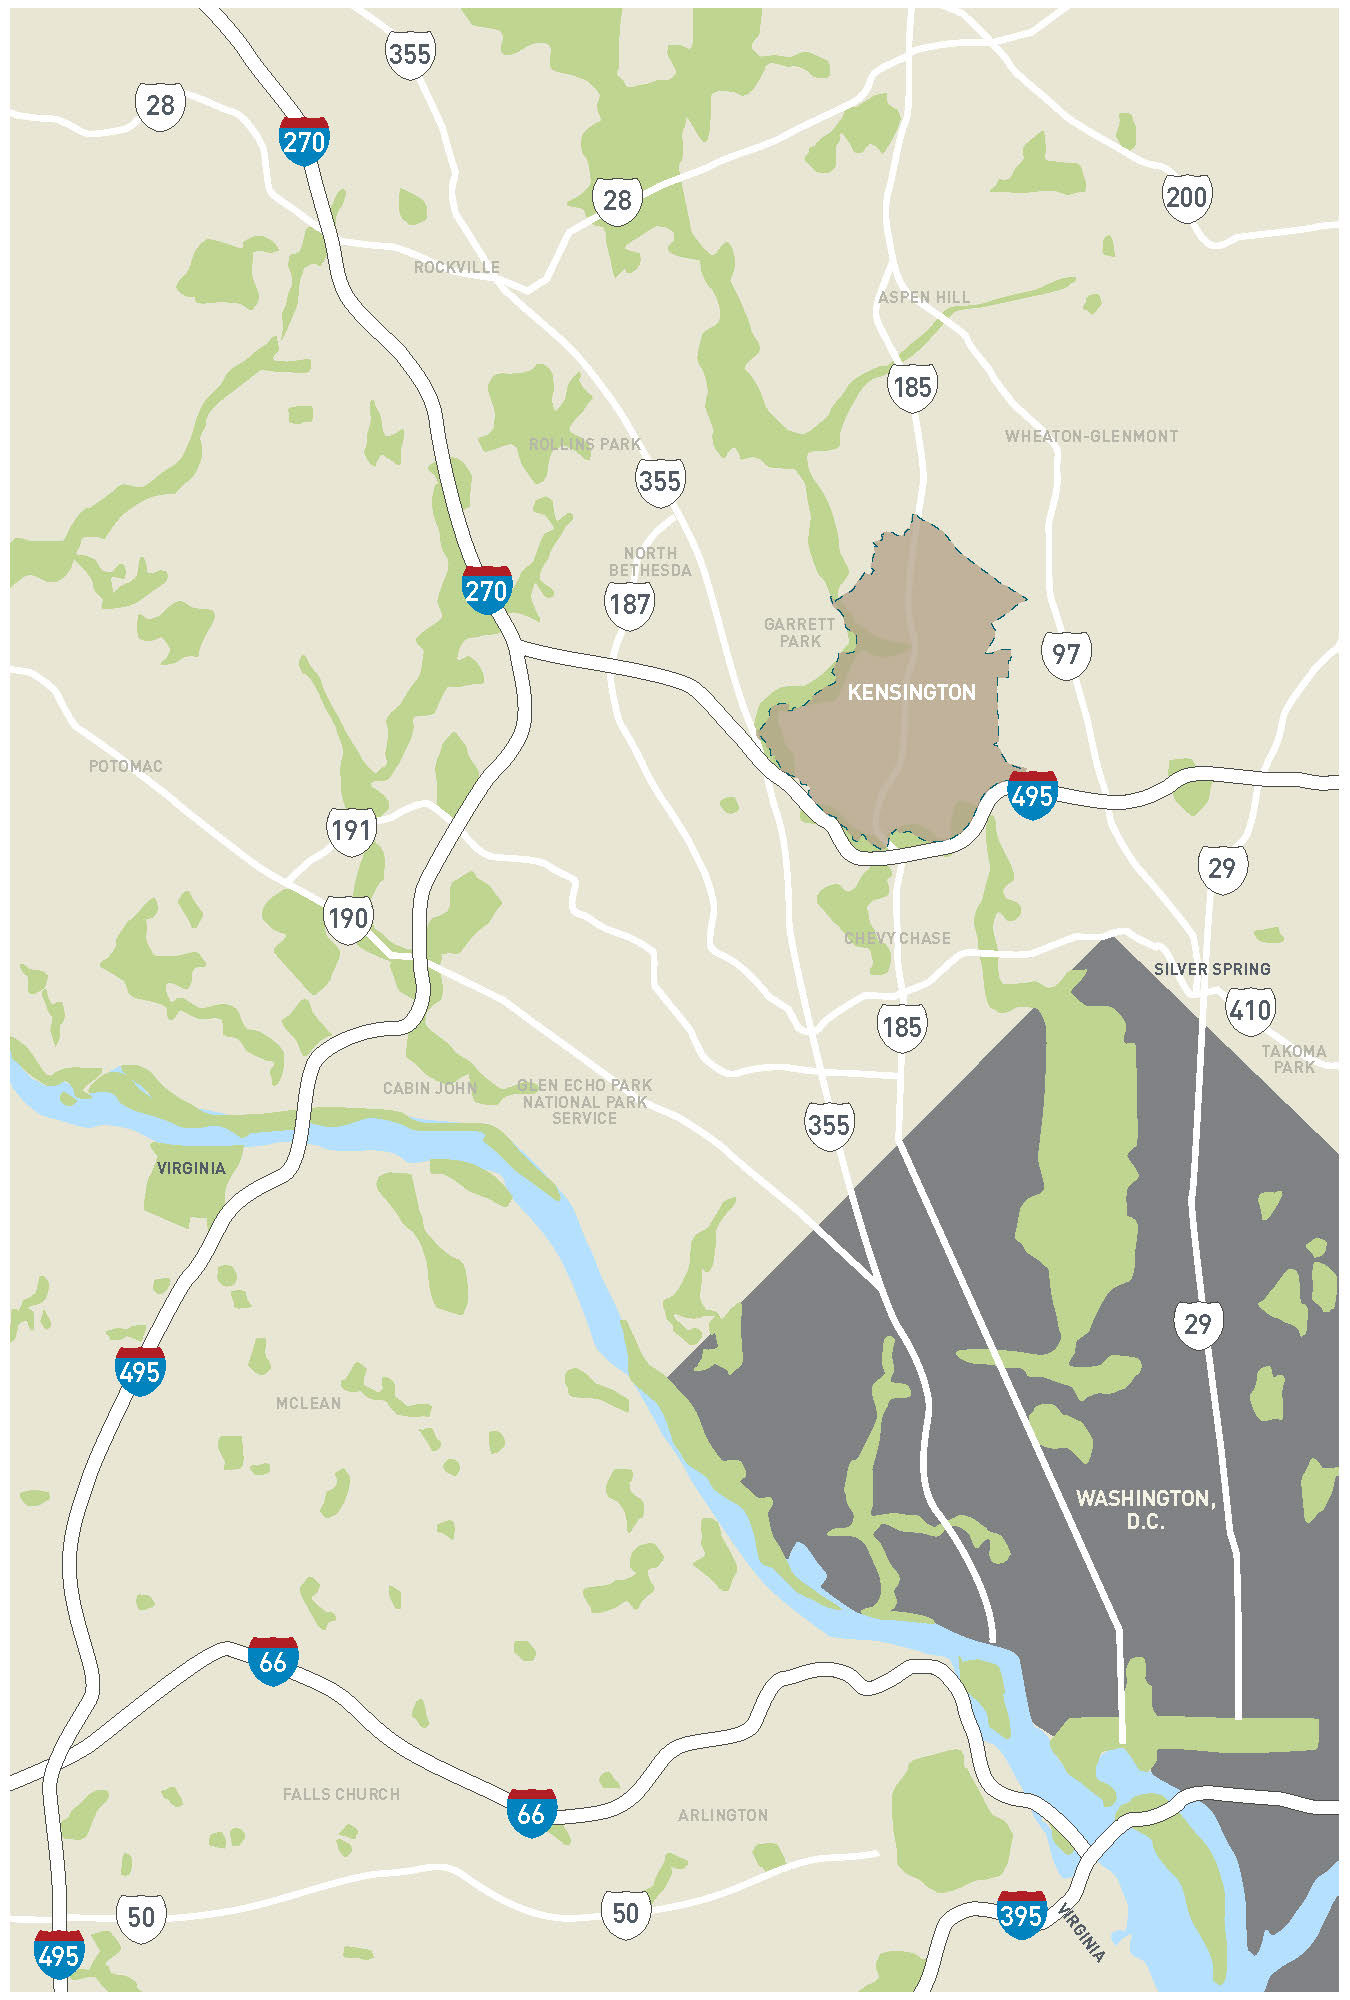 Kensington_Map_N-S.jpg